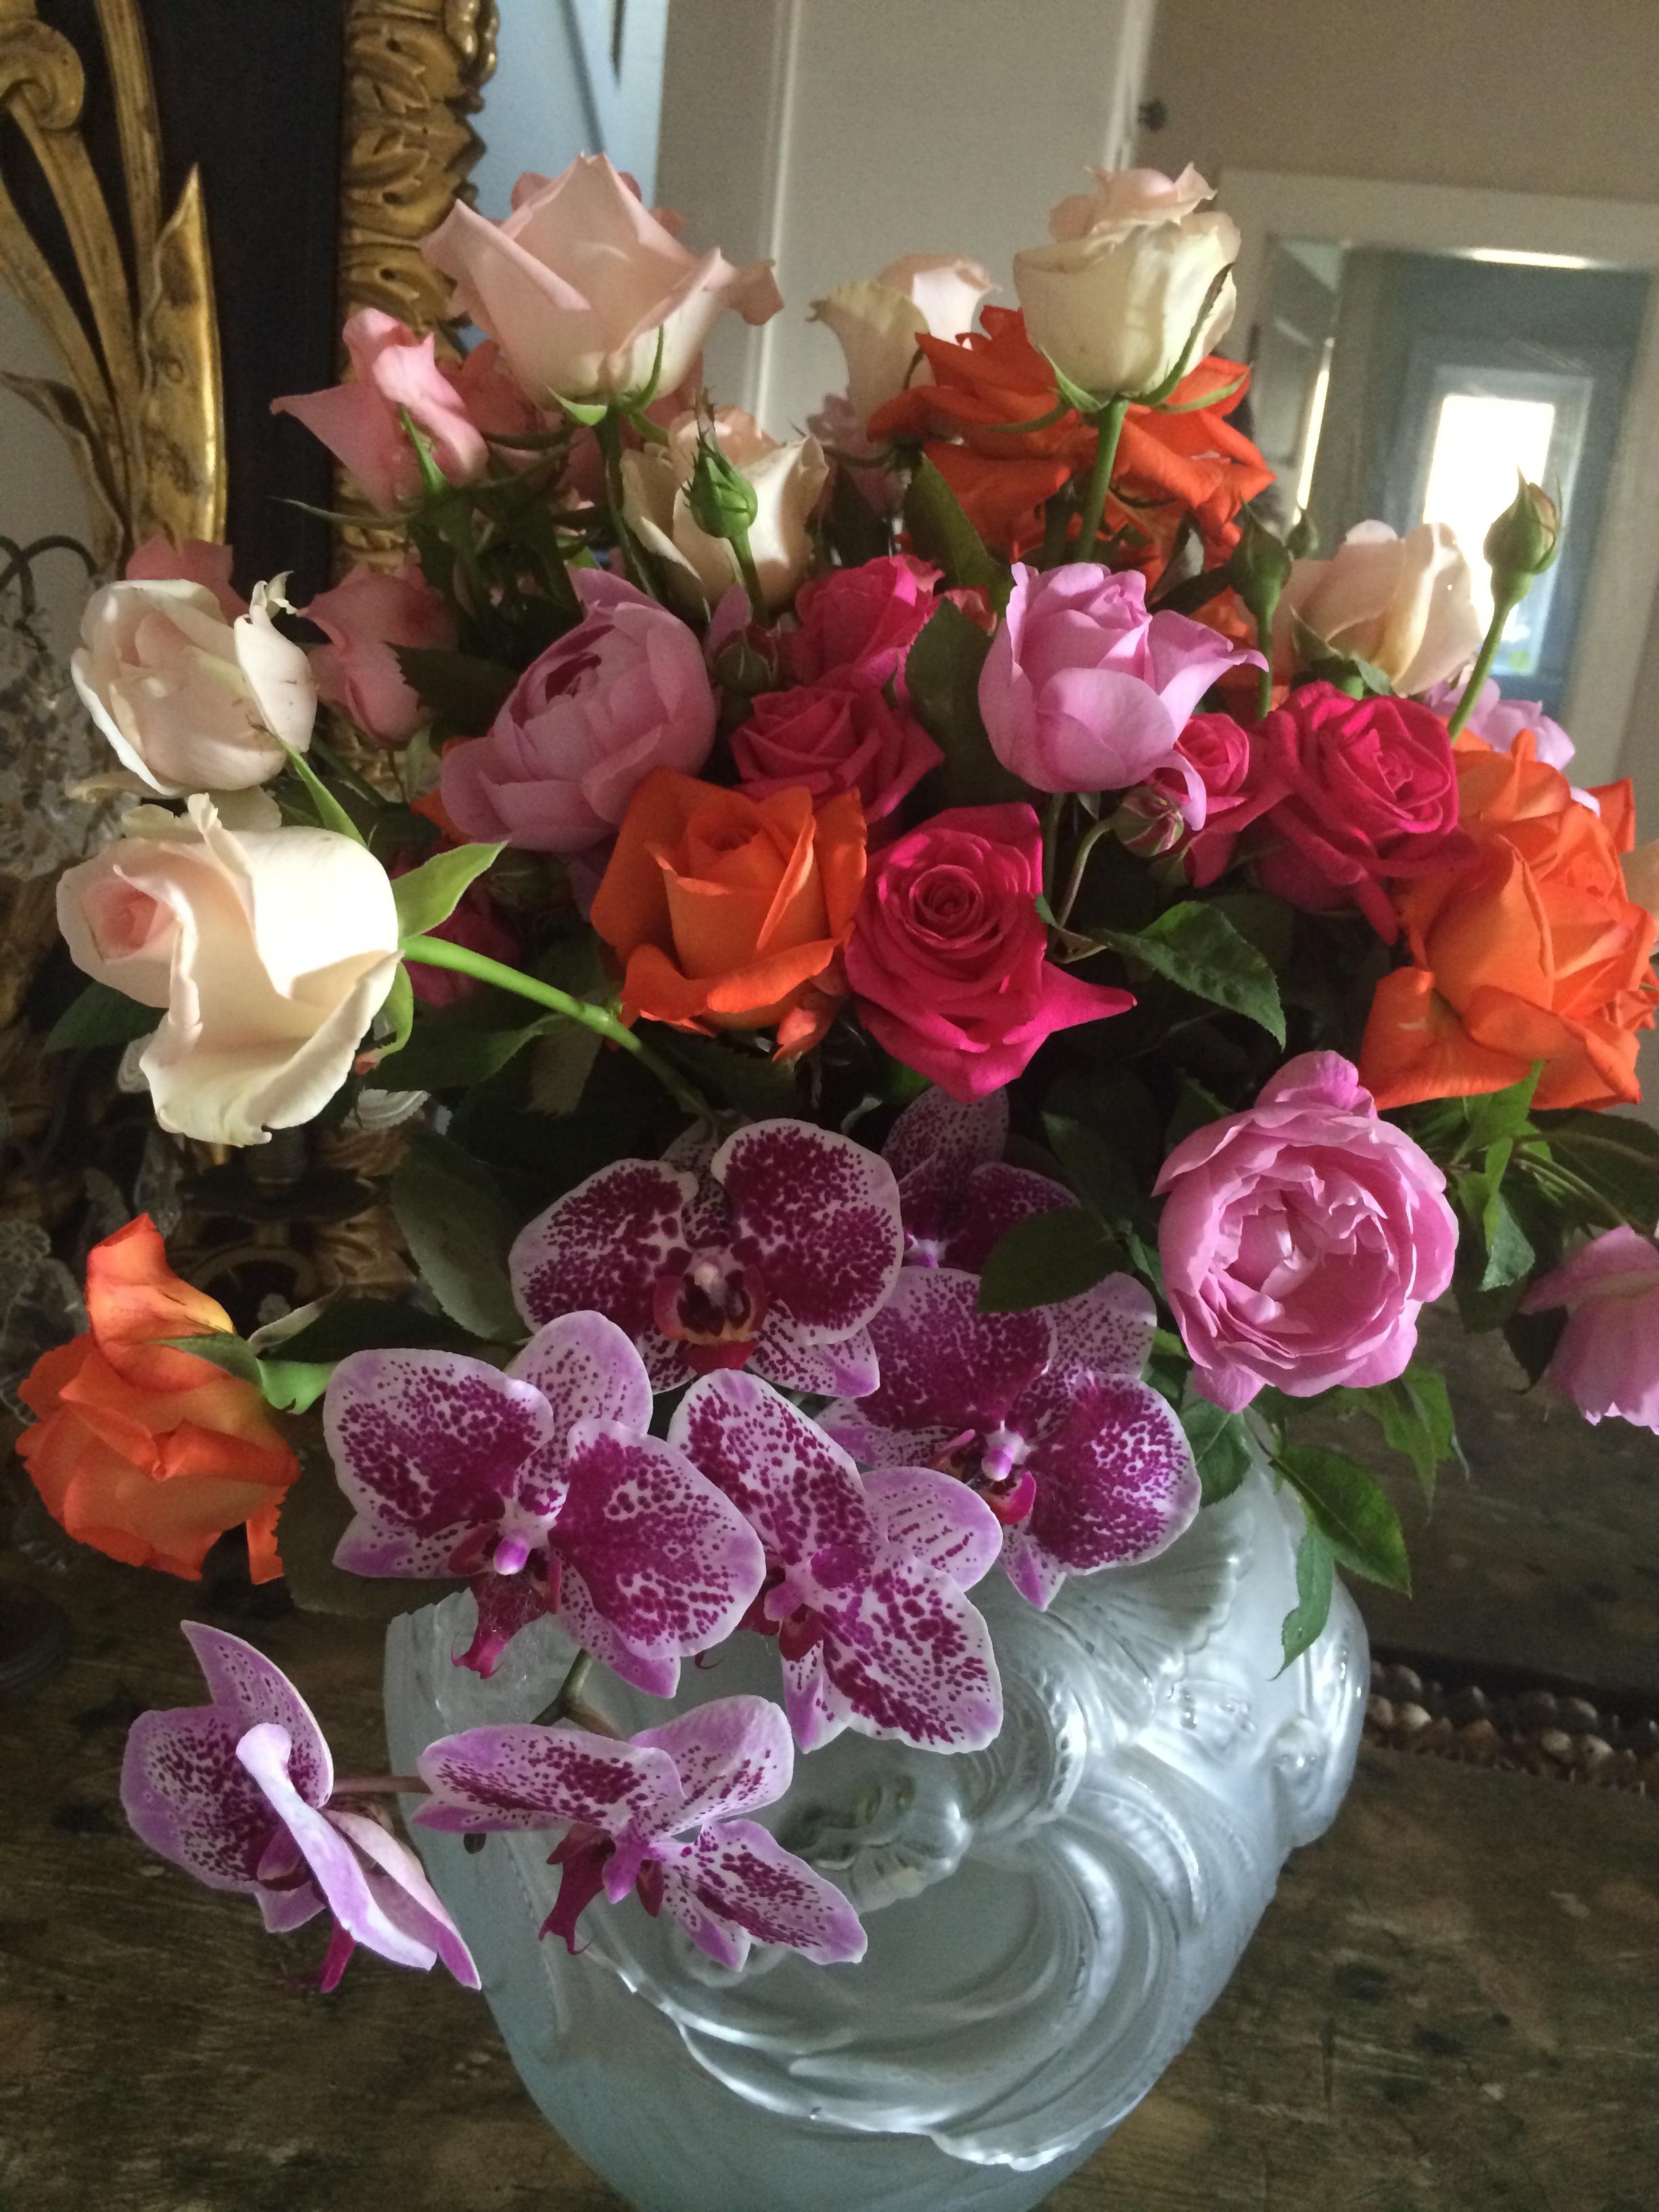 Deluxe Floral Arrangement